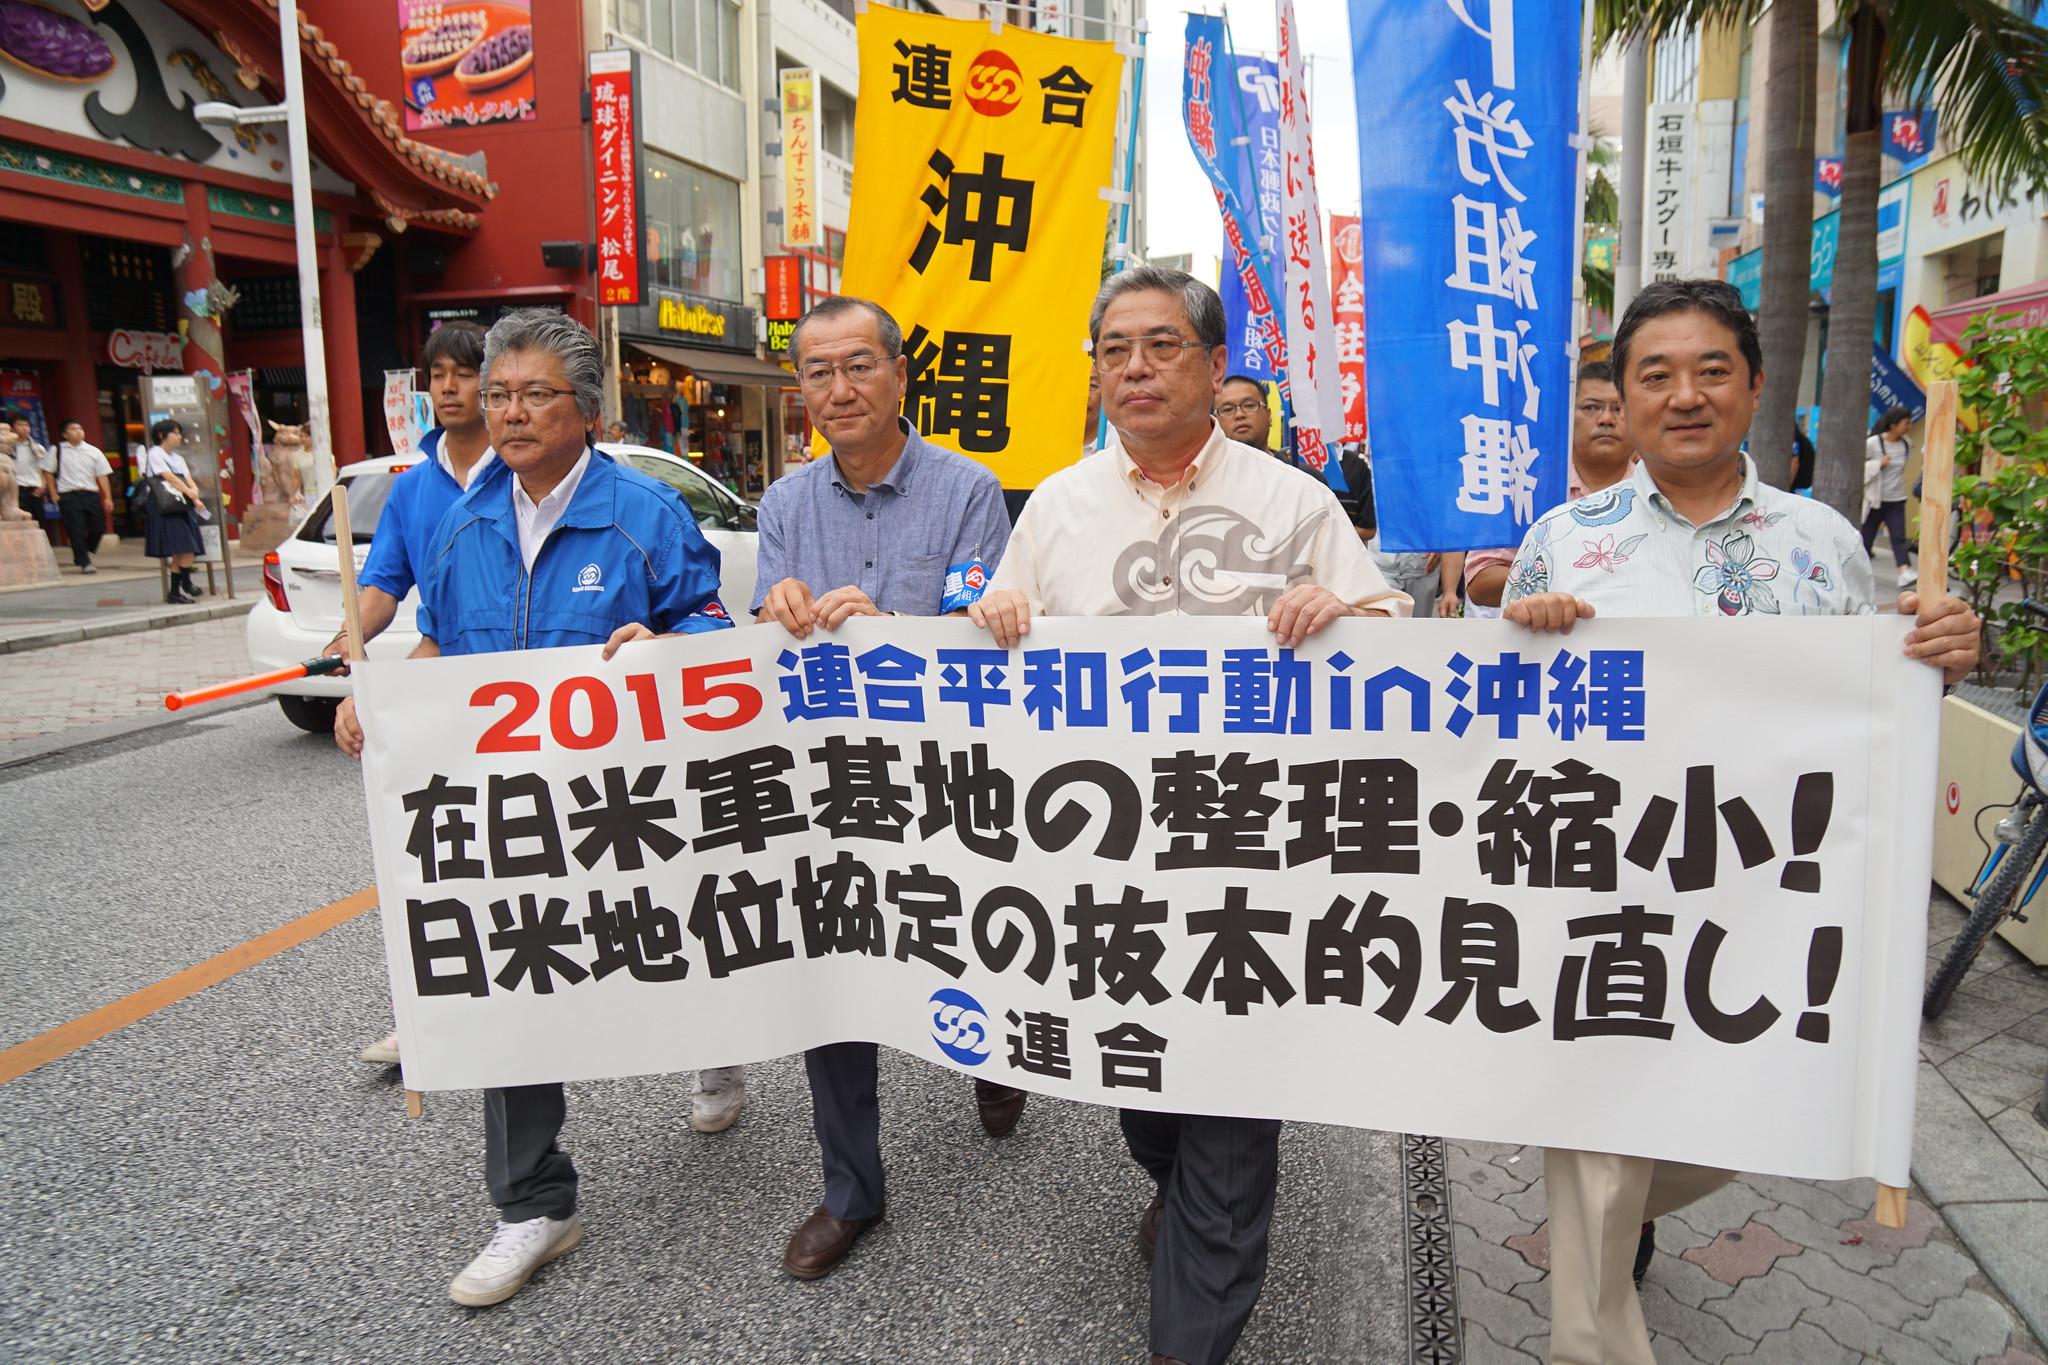 2015年聯合沖繩慰靈日遊行,訴求美軍基地的縮編與修改〈日美地位協定〉。(攝影:王顥中)